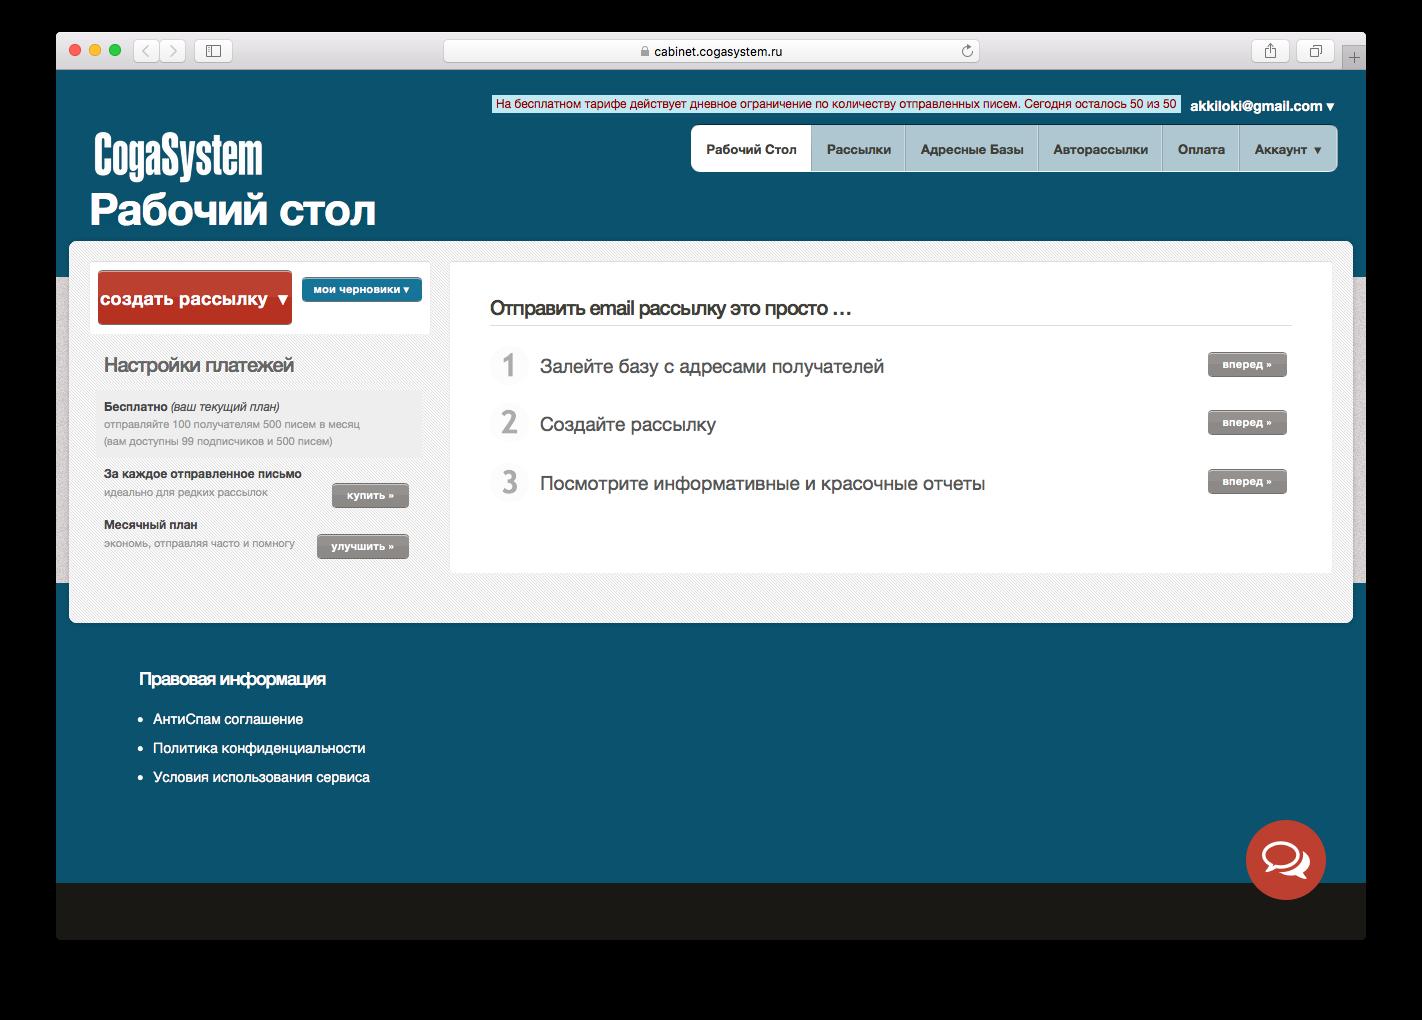 база данных для рассылки email бесплатно